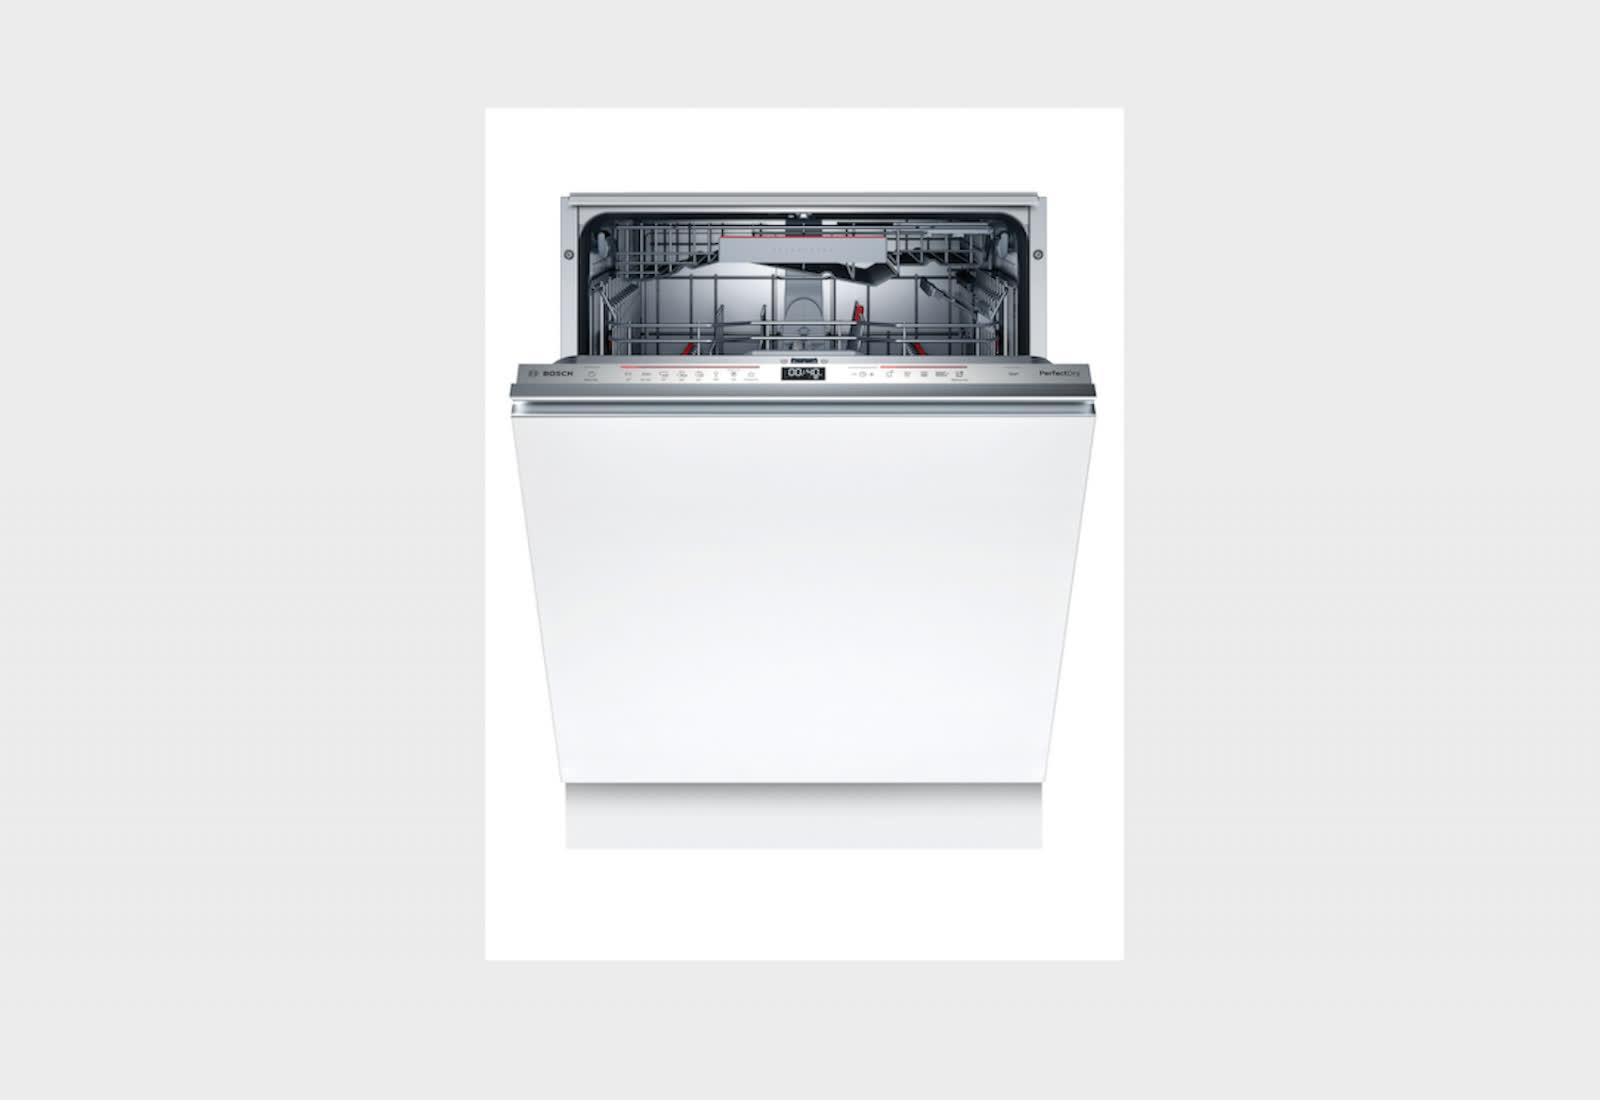 Immagine Anche le lavastoviglie sono connesse 1